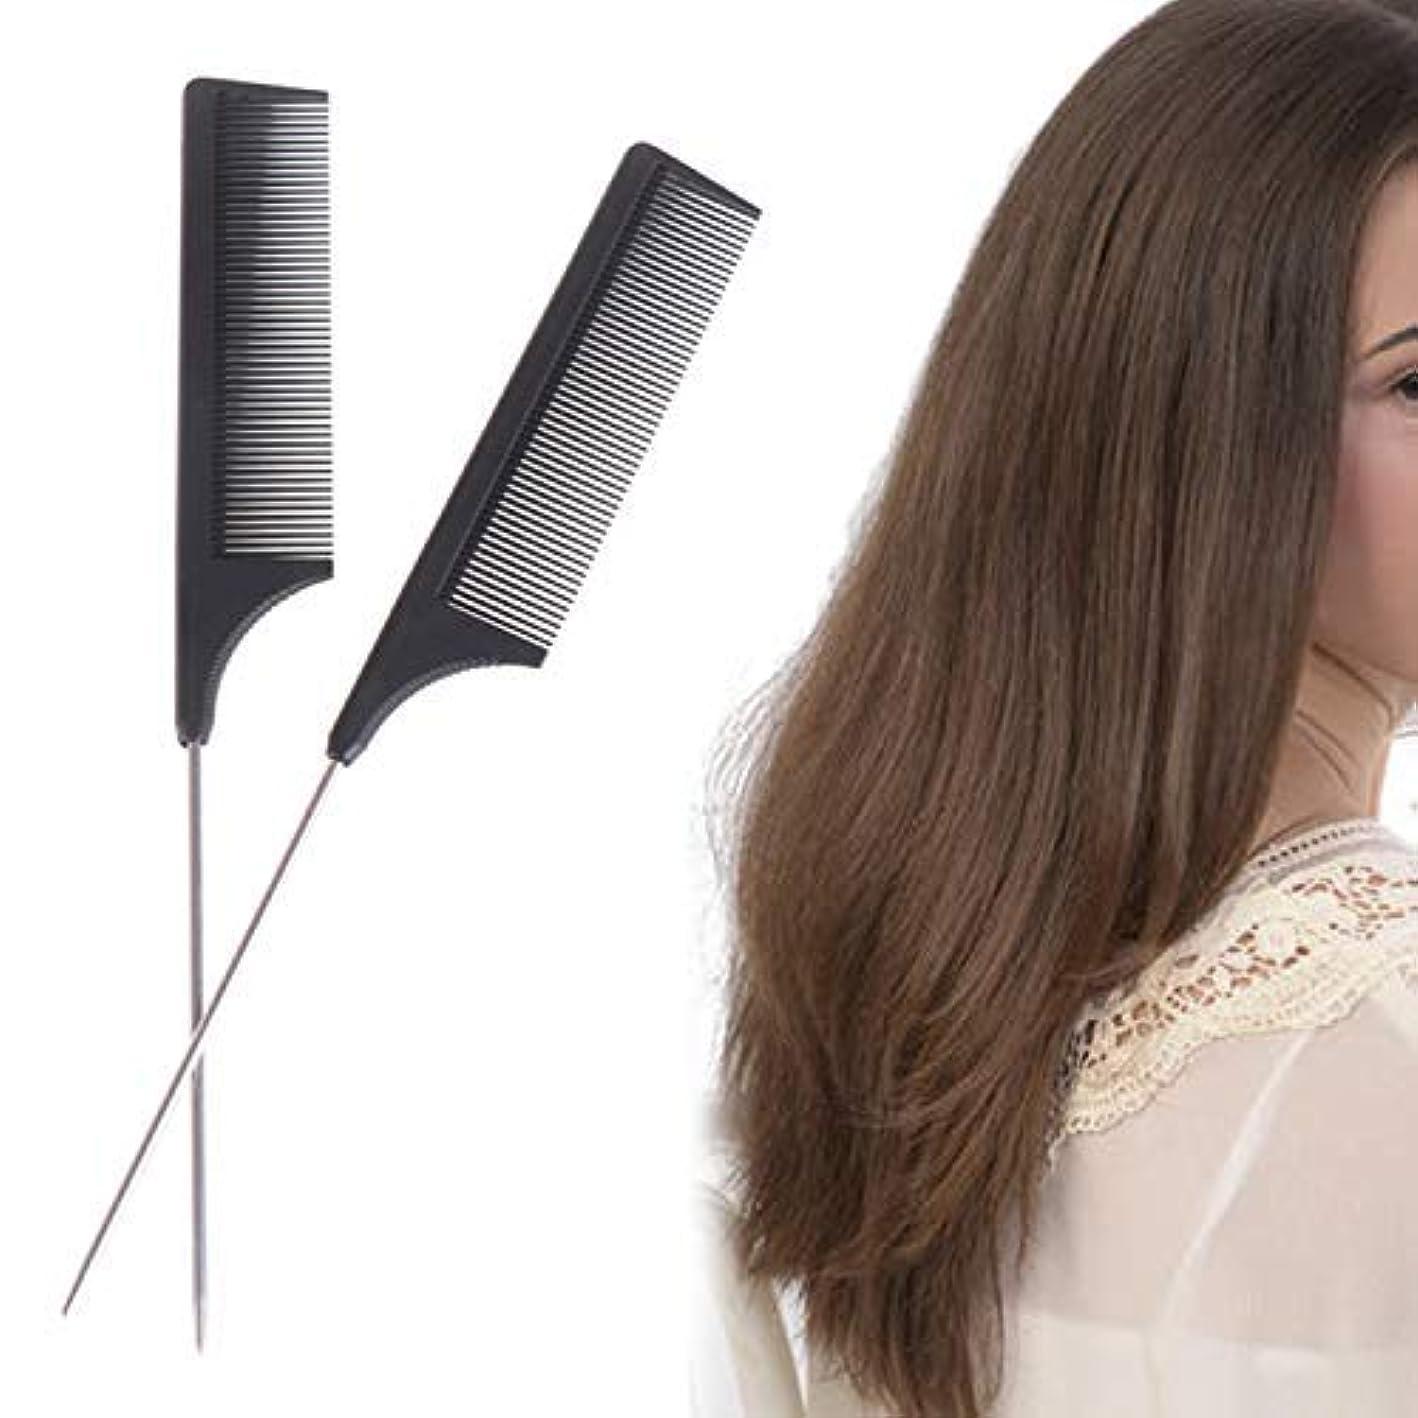 チップミケランジェロエントリ2 Pieces Comb Black Tail Styling Comb Chemical Heat Resistant Teasing Comb Carbon Fiber Hair Styling Combs for Women Men Hair Types Styles [並行輸入品]